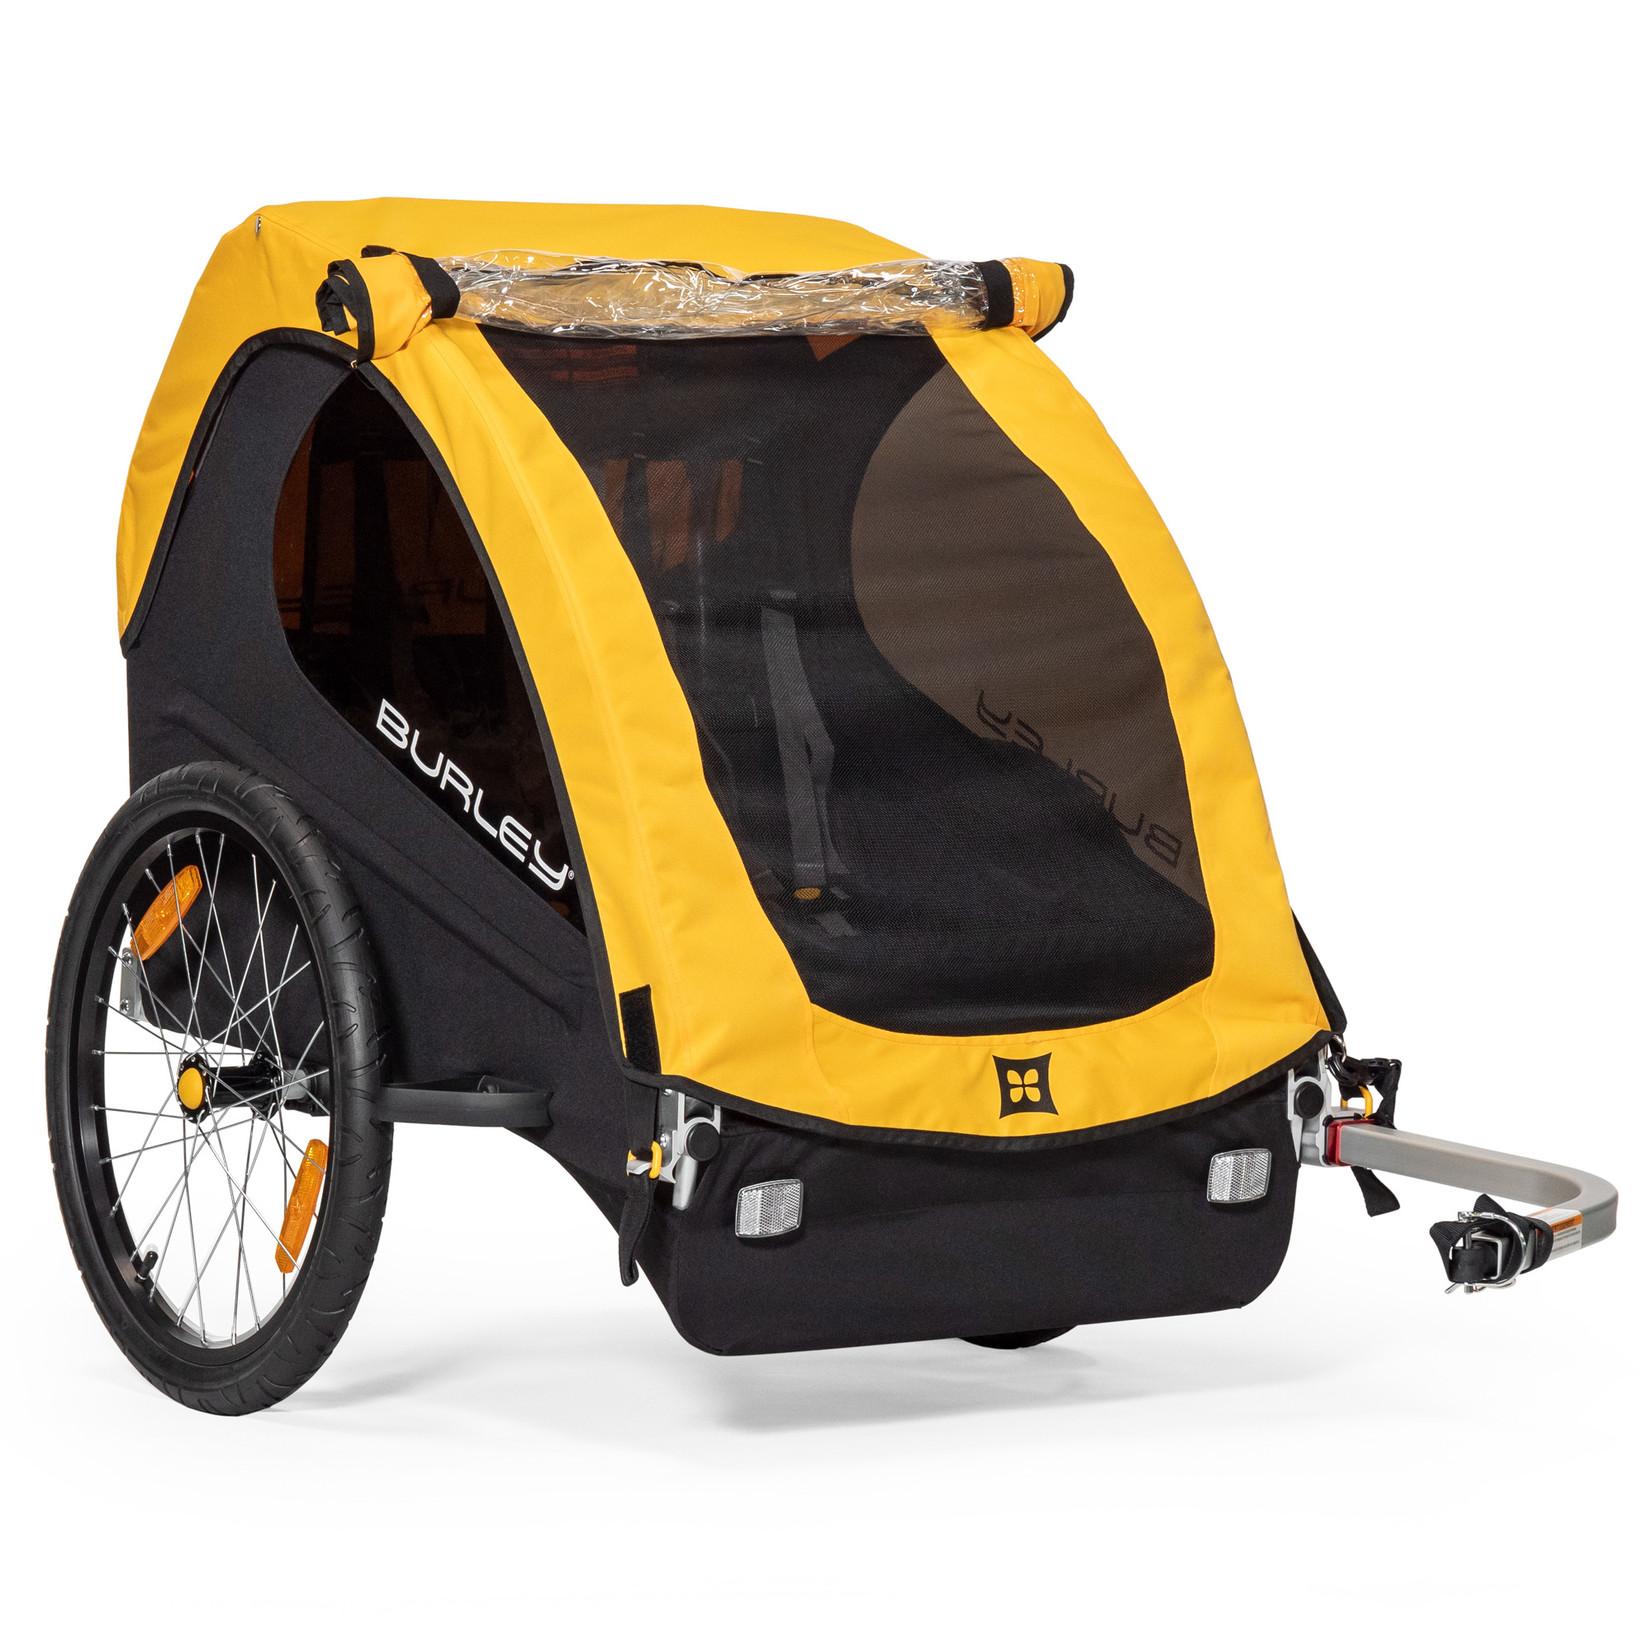 Burley Bee - Child Trailer - Double, Yellow